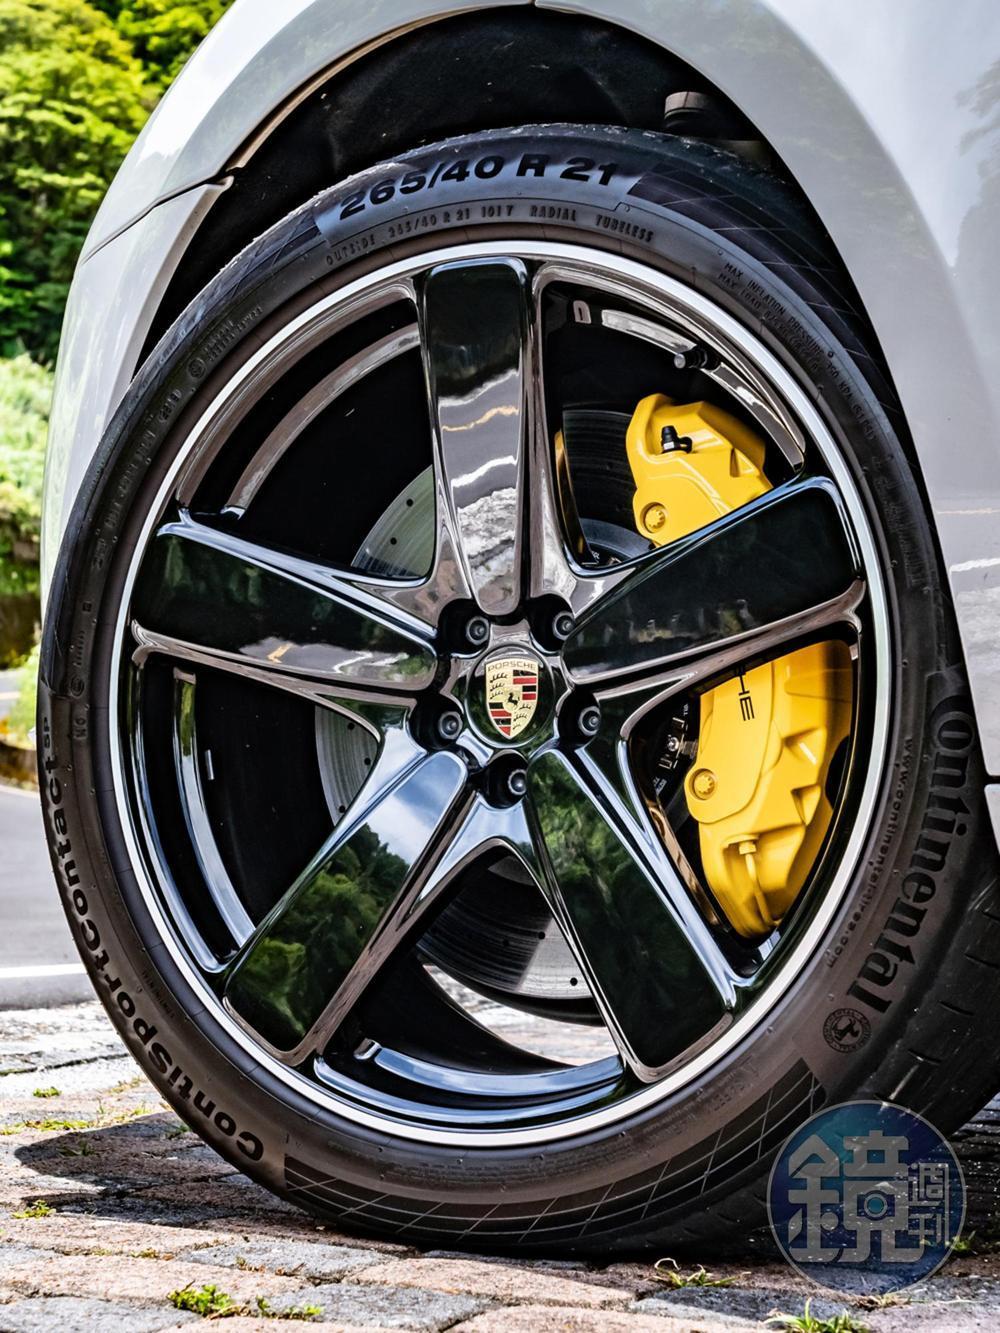 選配前396mm、後370mm的PCCB陶瓷複合煞車系統,搭配鮮黃卡鉗與21吋Sport Classic鋁圈。